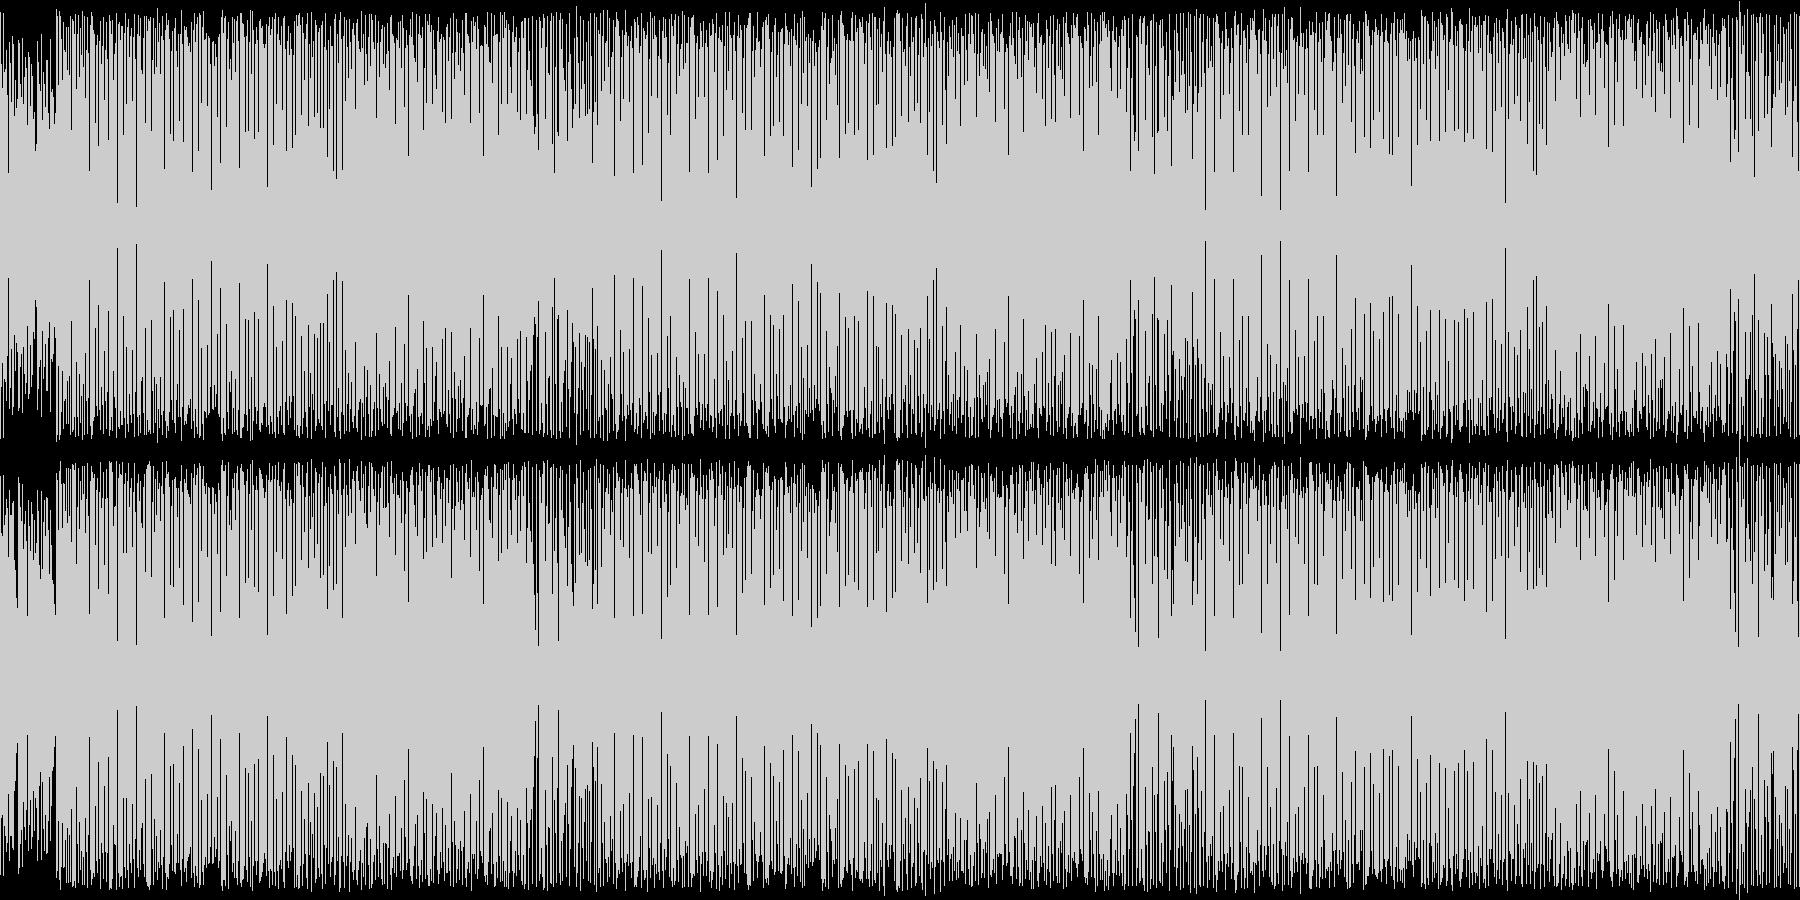 レトロゲーム風可愛いテクノポップ・ループの未再生の波形